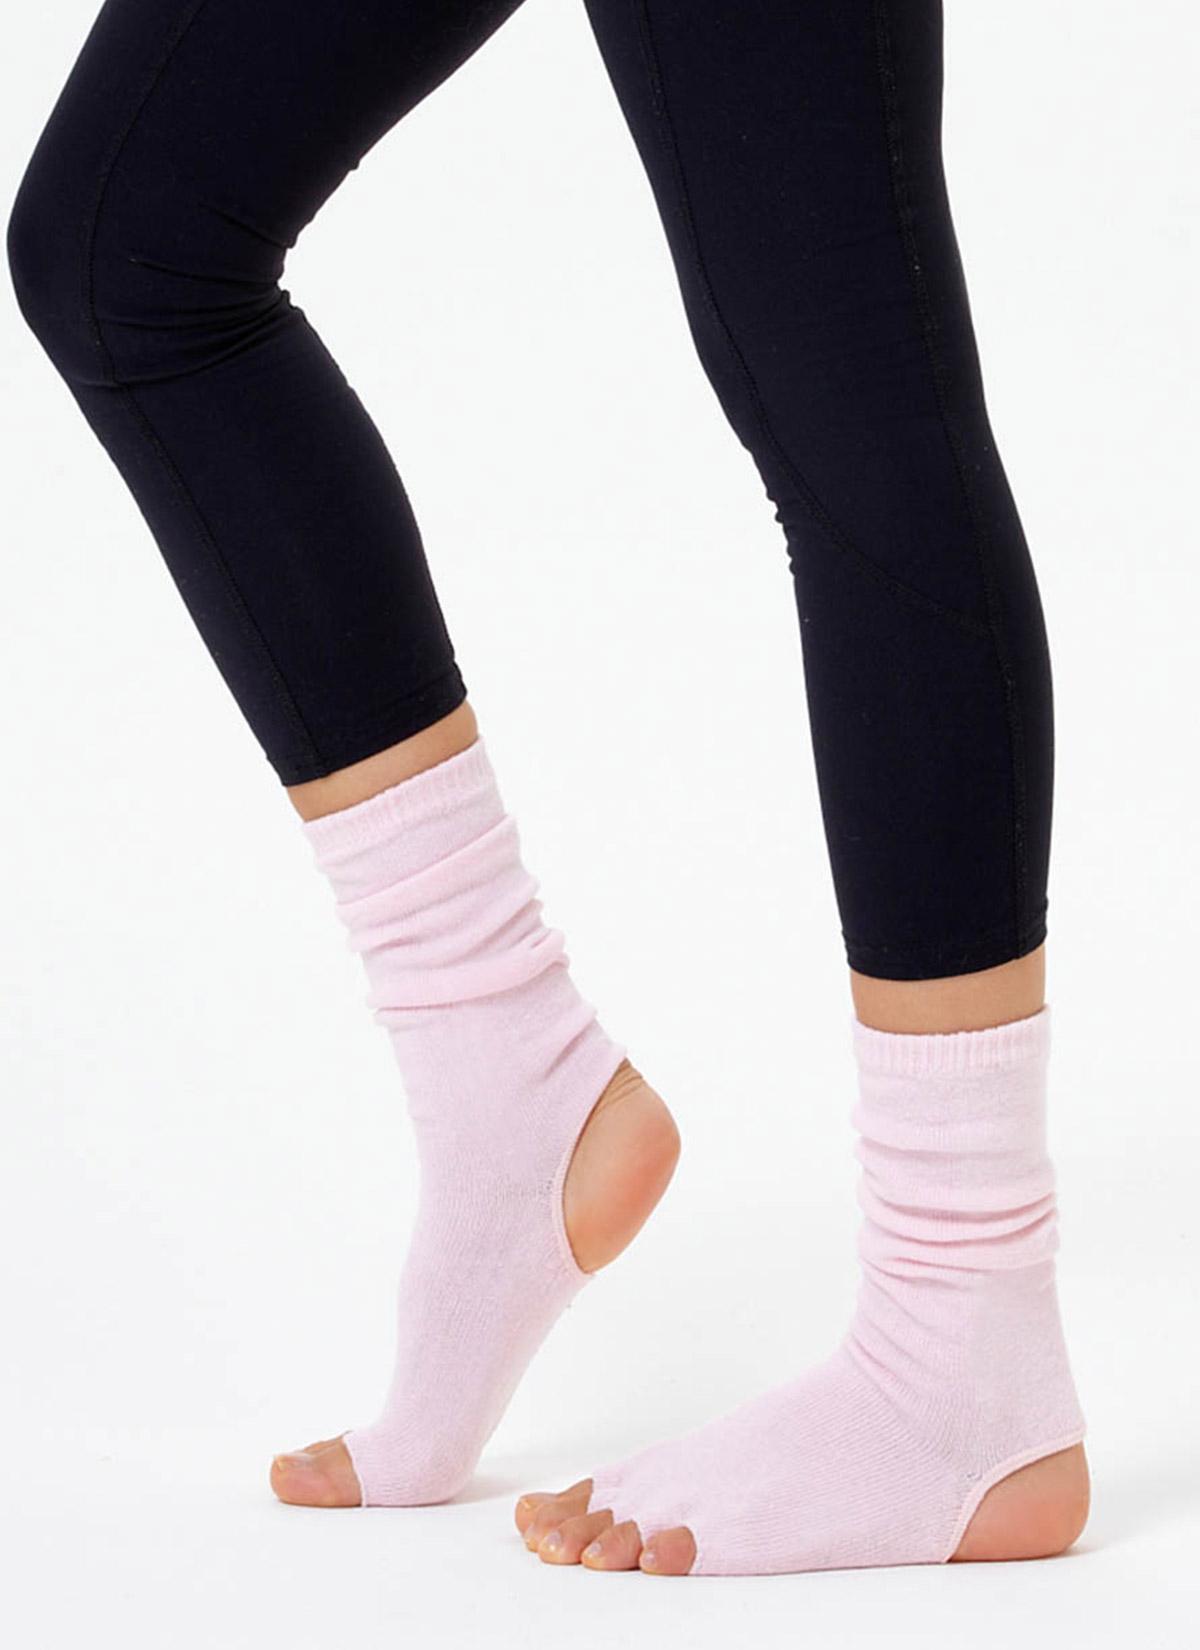 Pembe Bilekli Yoga & Pilates Çorabı